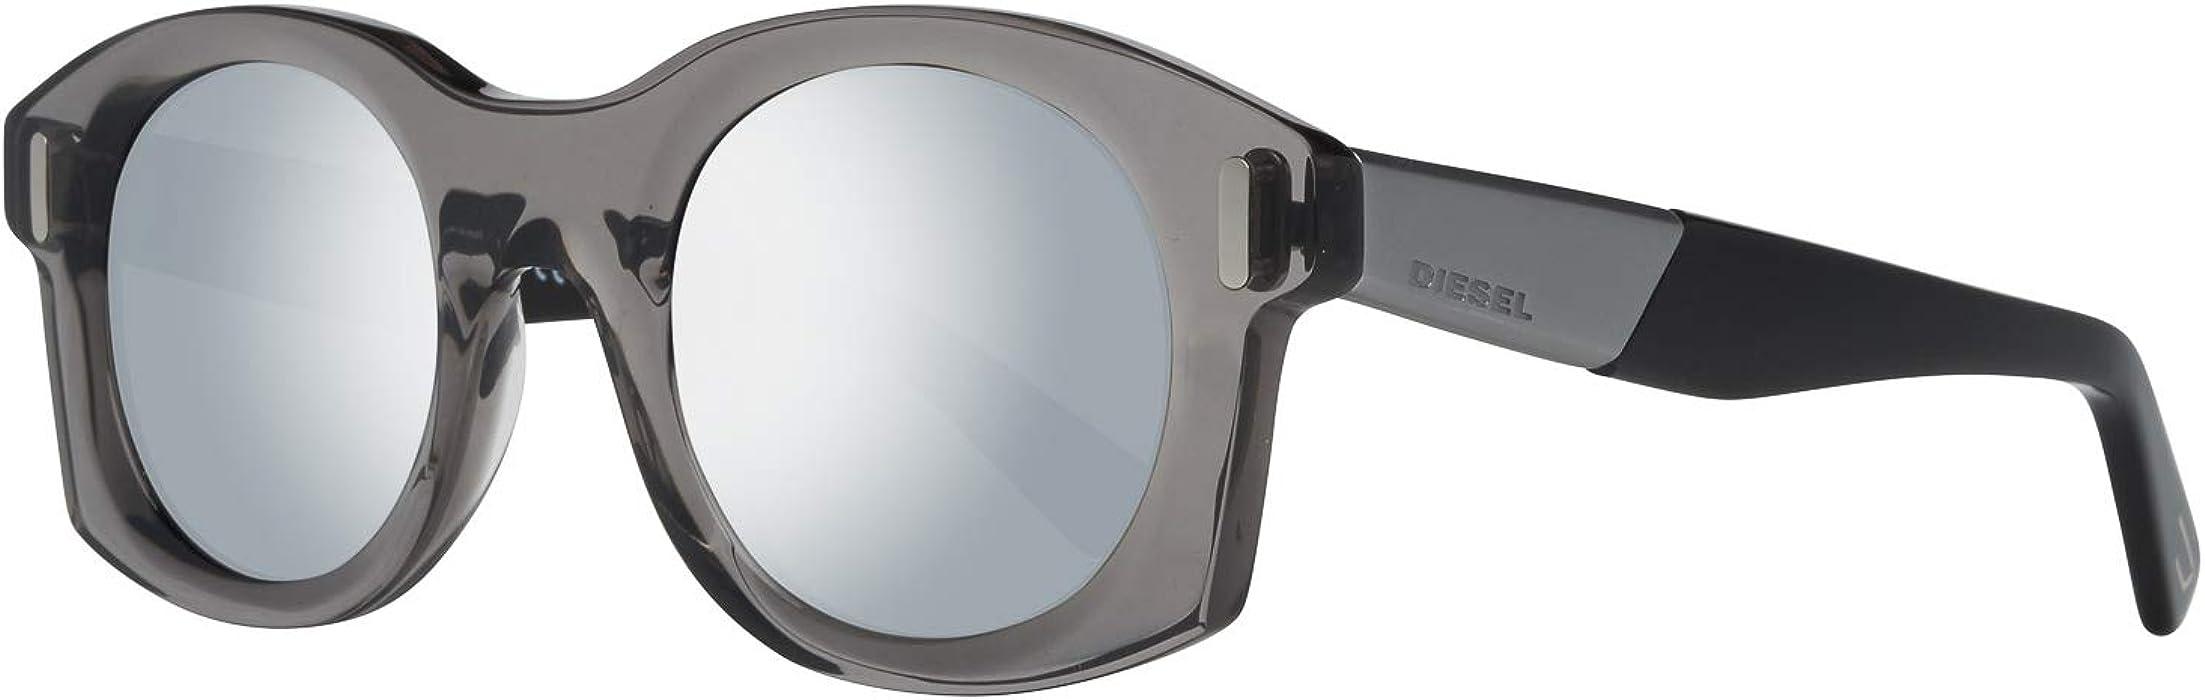 Diesel Unisex adulto Sonnenbrille DL0226 20C 47 Gafas de sol ...